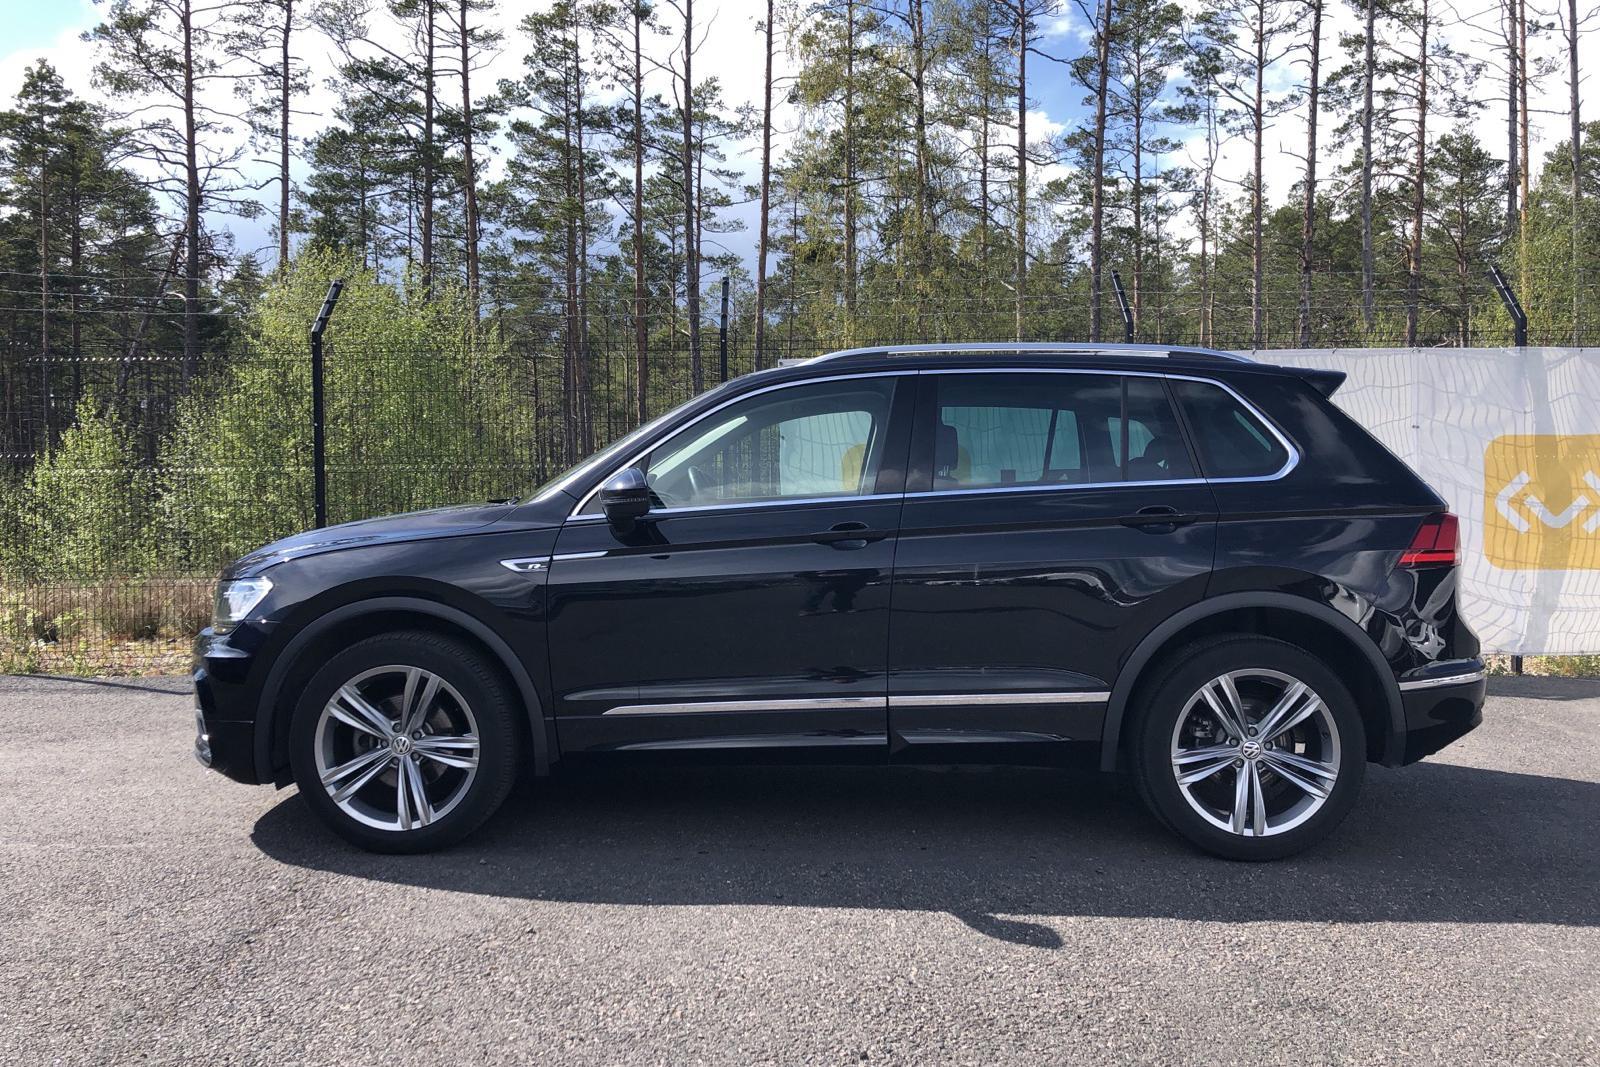 VW Tiguan 1.4 TSI 4MOTION (150hk) - 51 100 km - Manual - black - 2018